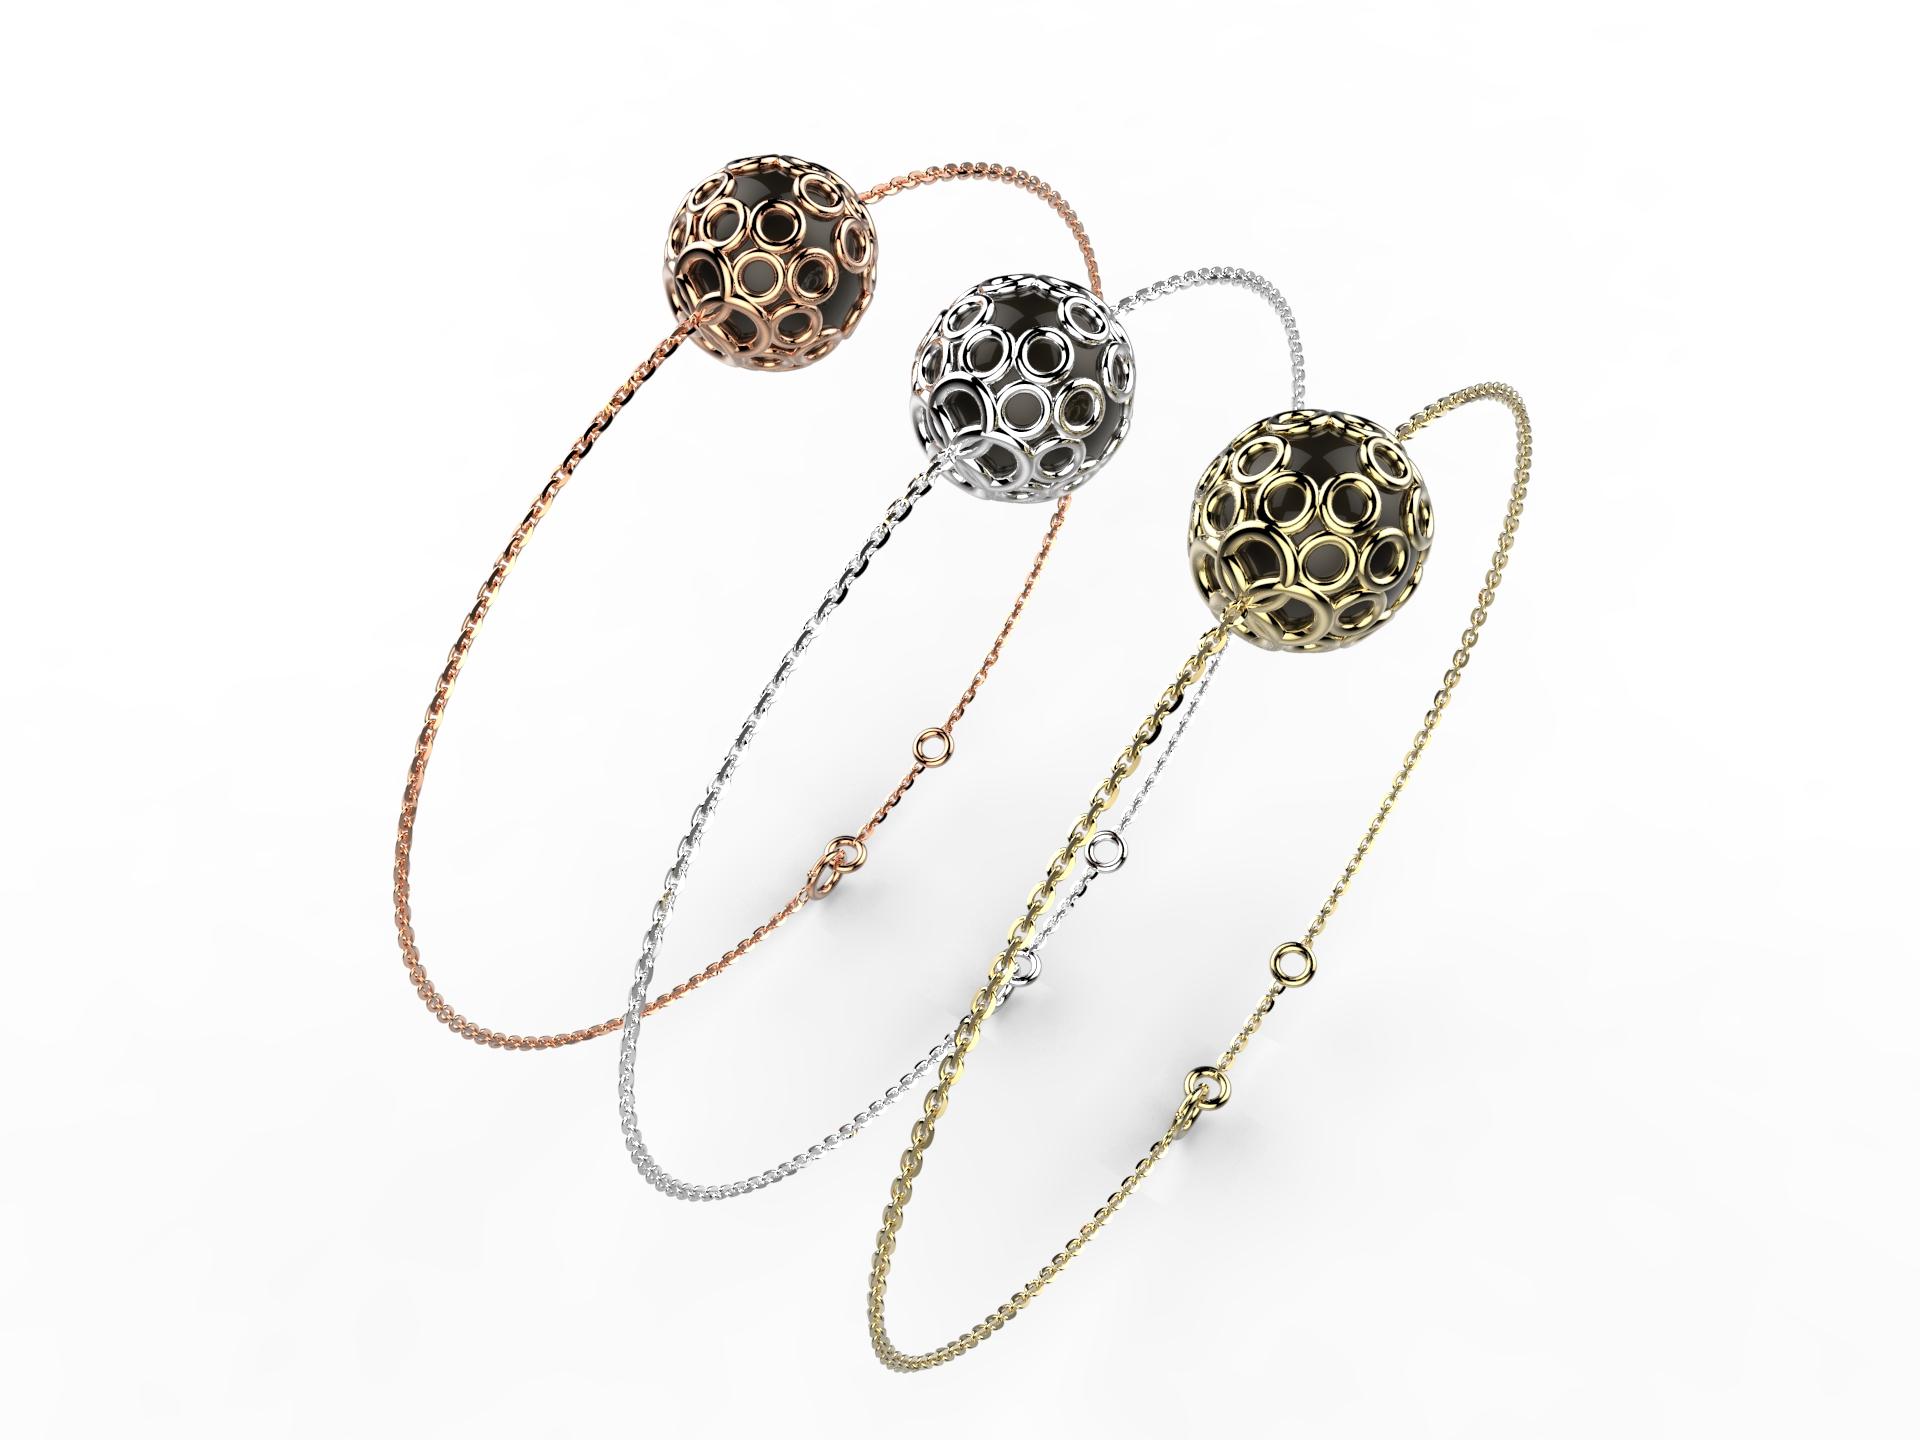 Bracelet or perle agate noire 350 €